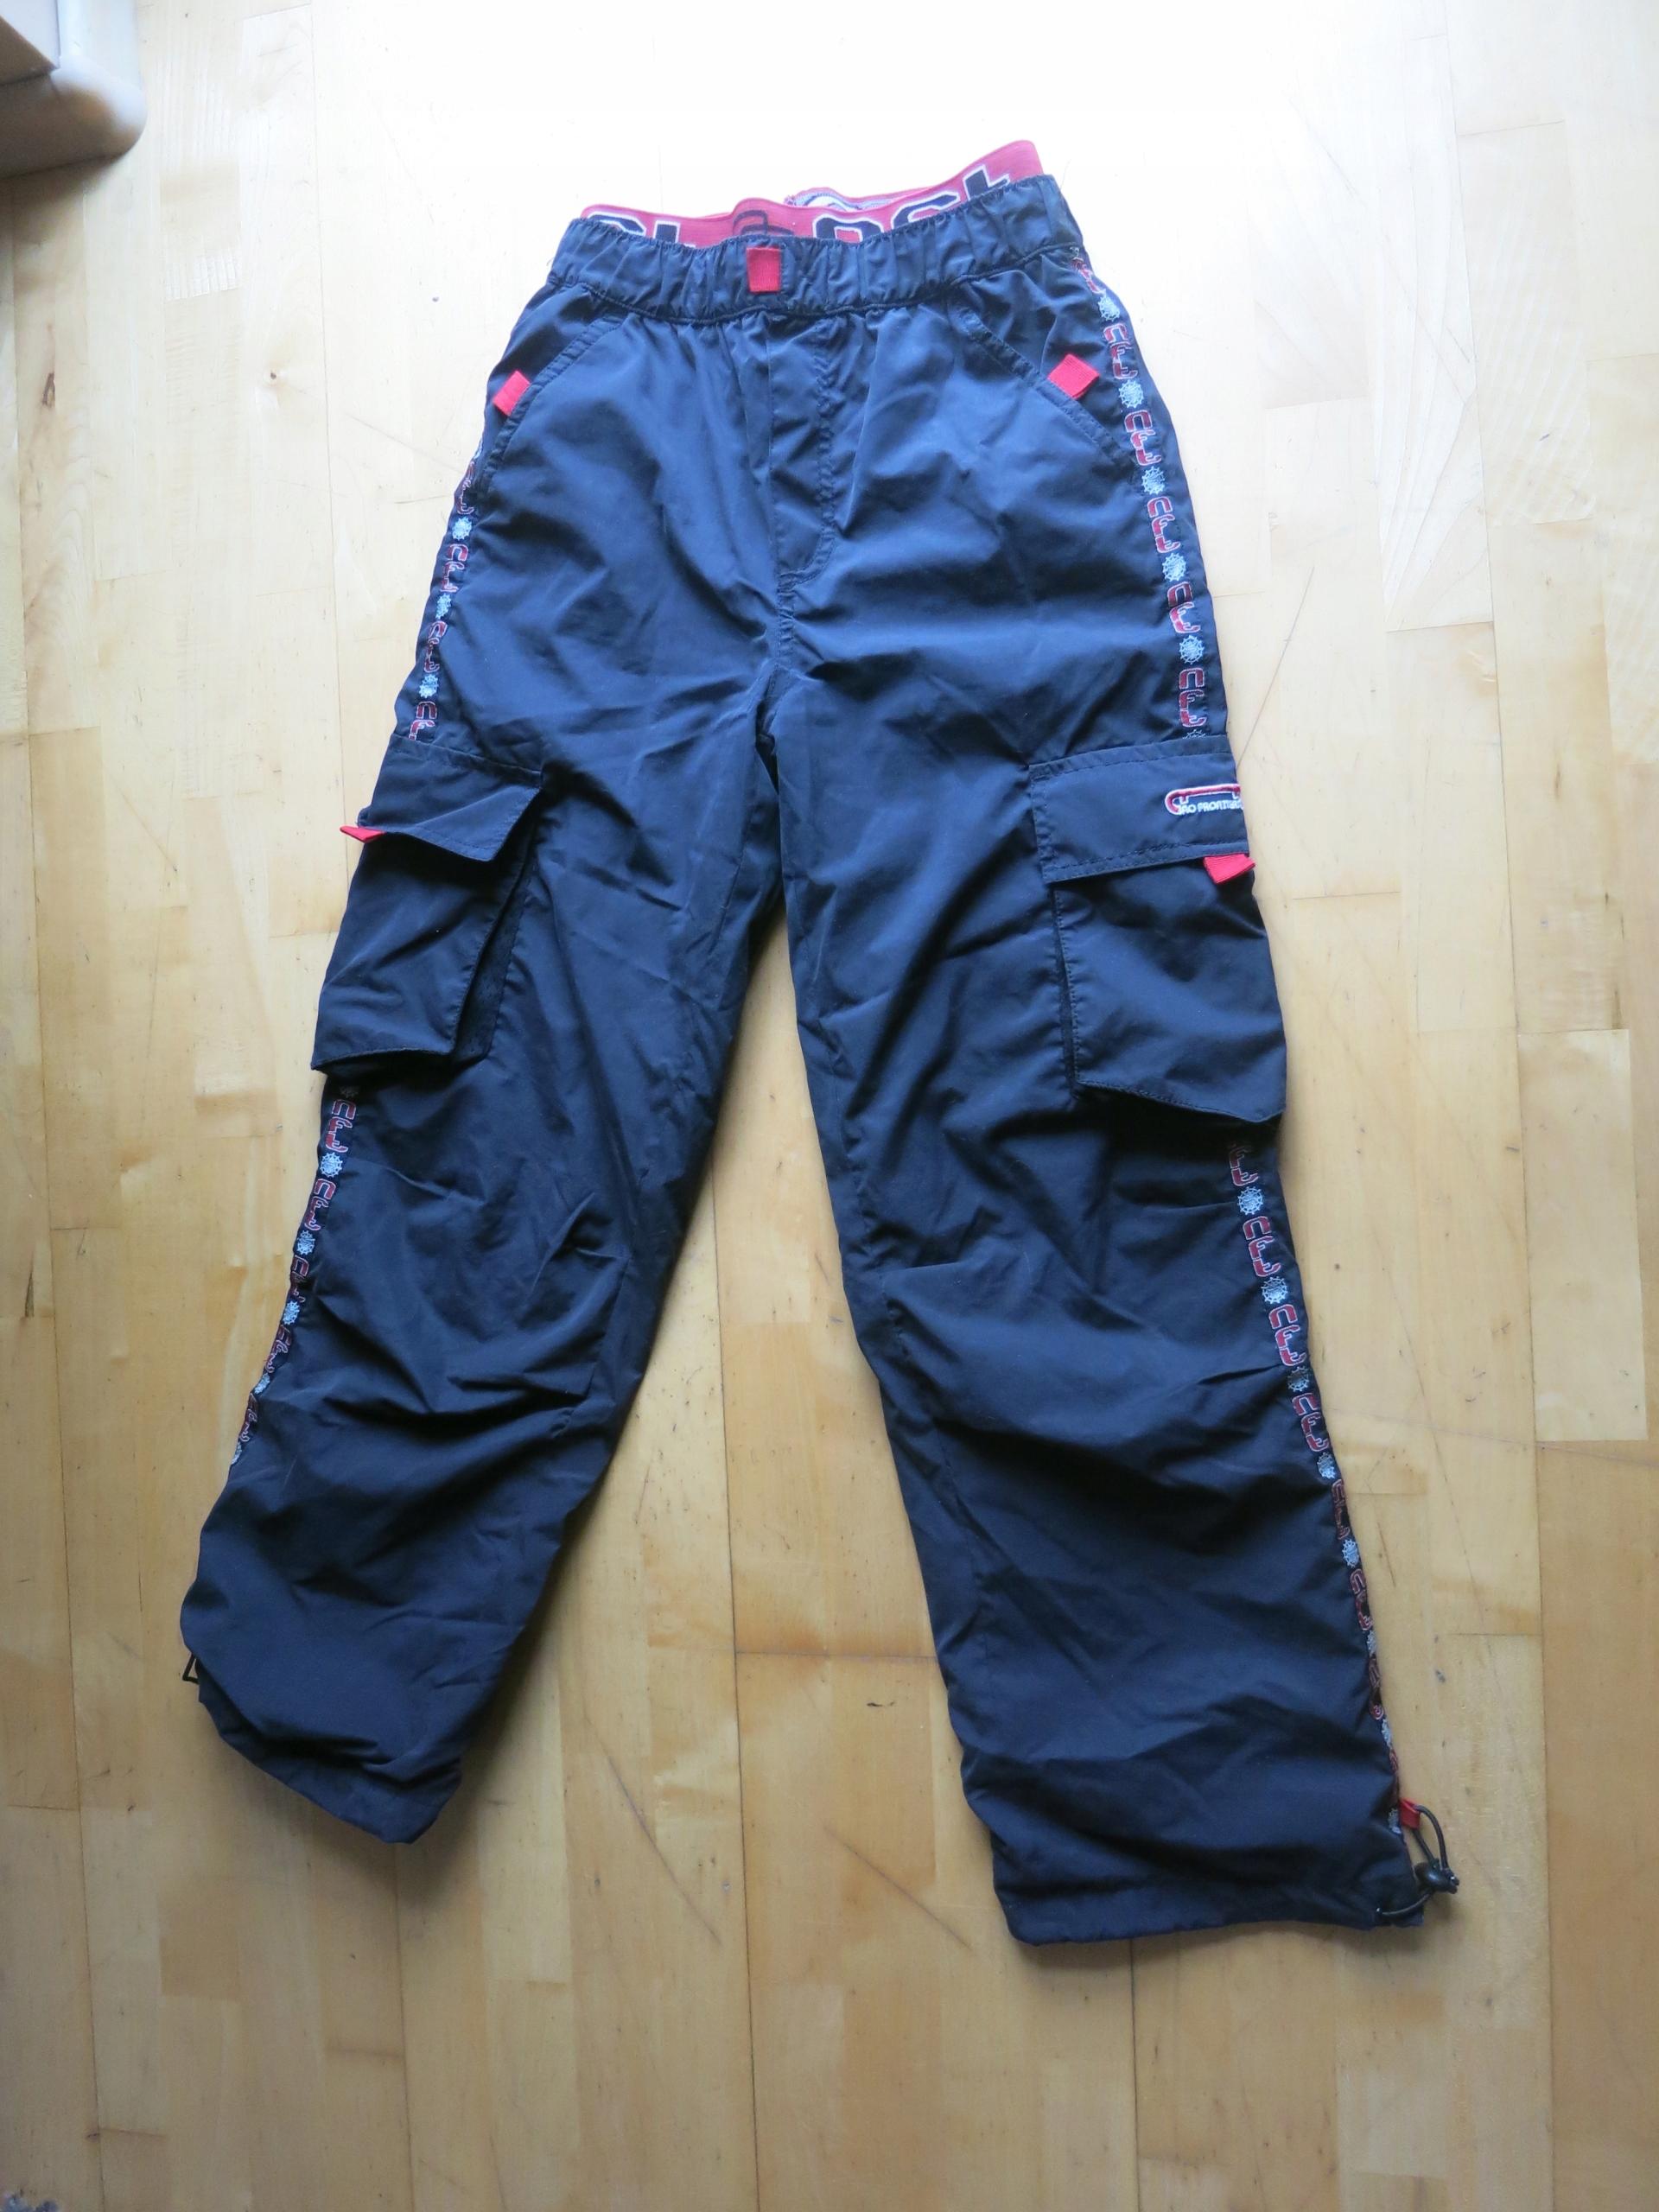 158bb312c04c13 Spodnie czarne rozmiar 146 cm - 7666928477 - oficjalne archiwum allegro